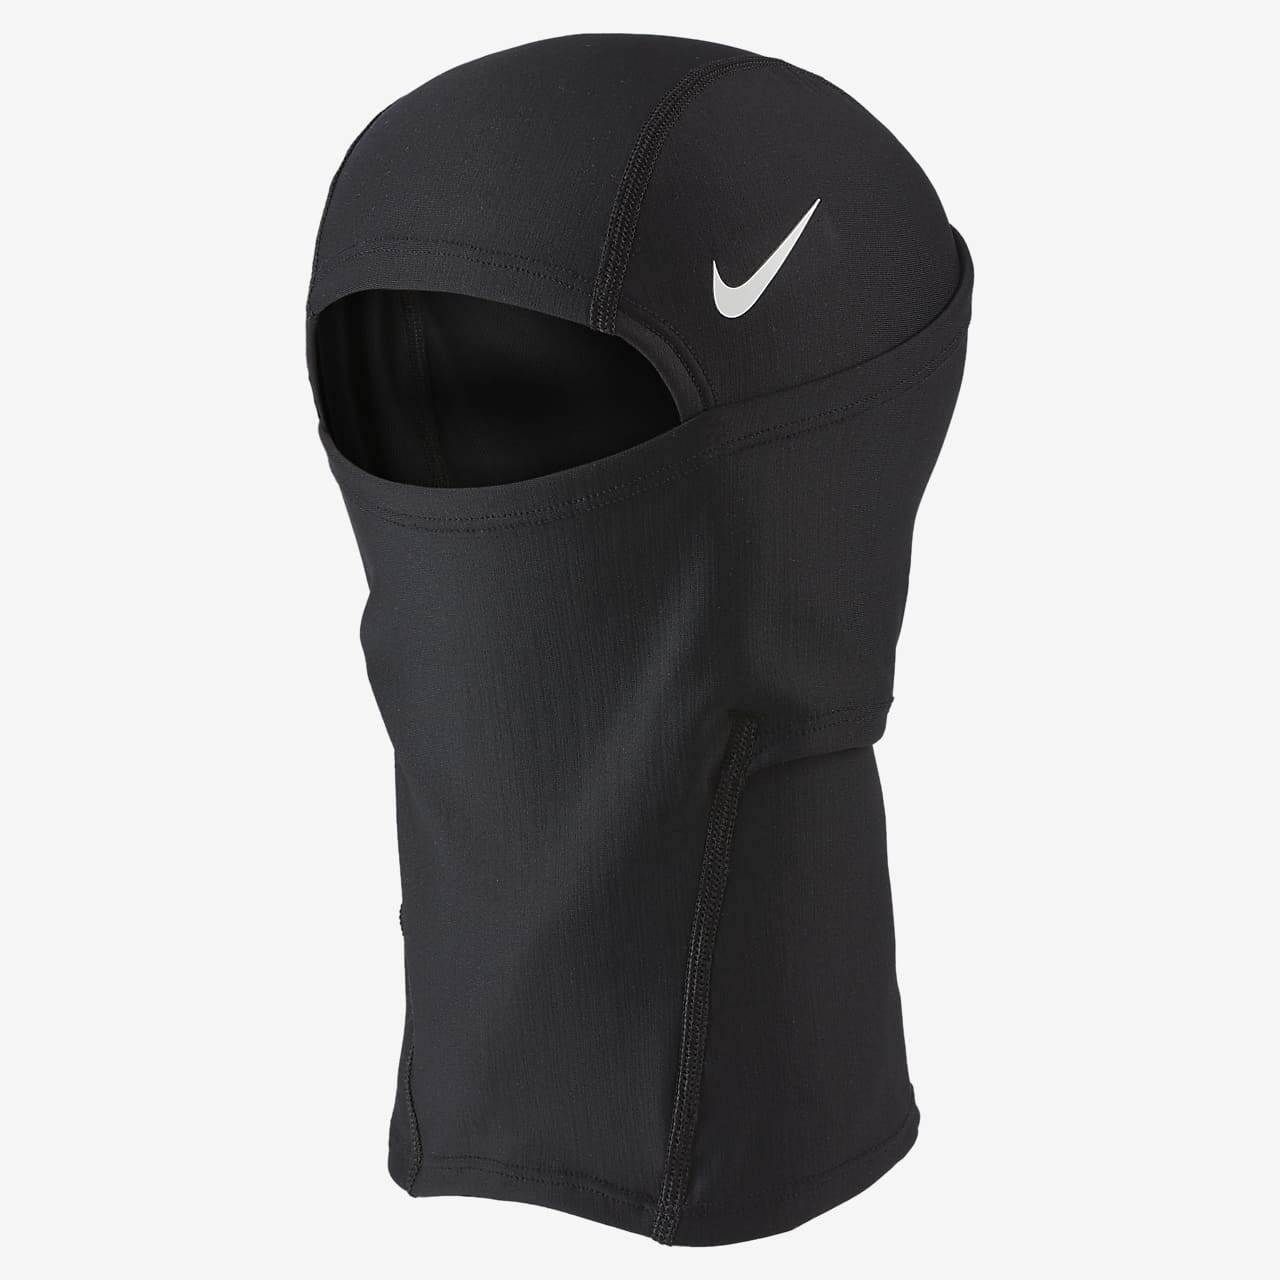 Publicidad Medición Ajustamiento  Nike Pro Hyperwarm Hood. Nike.com